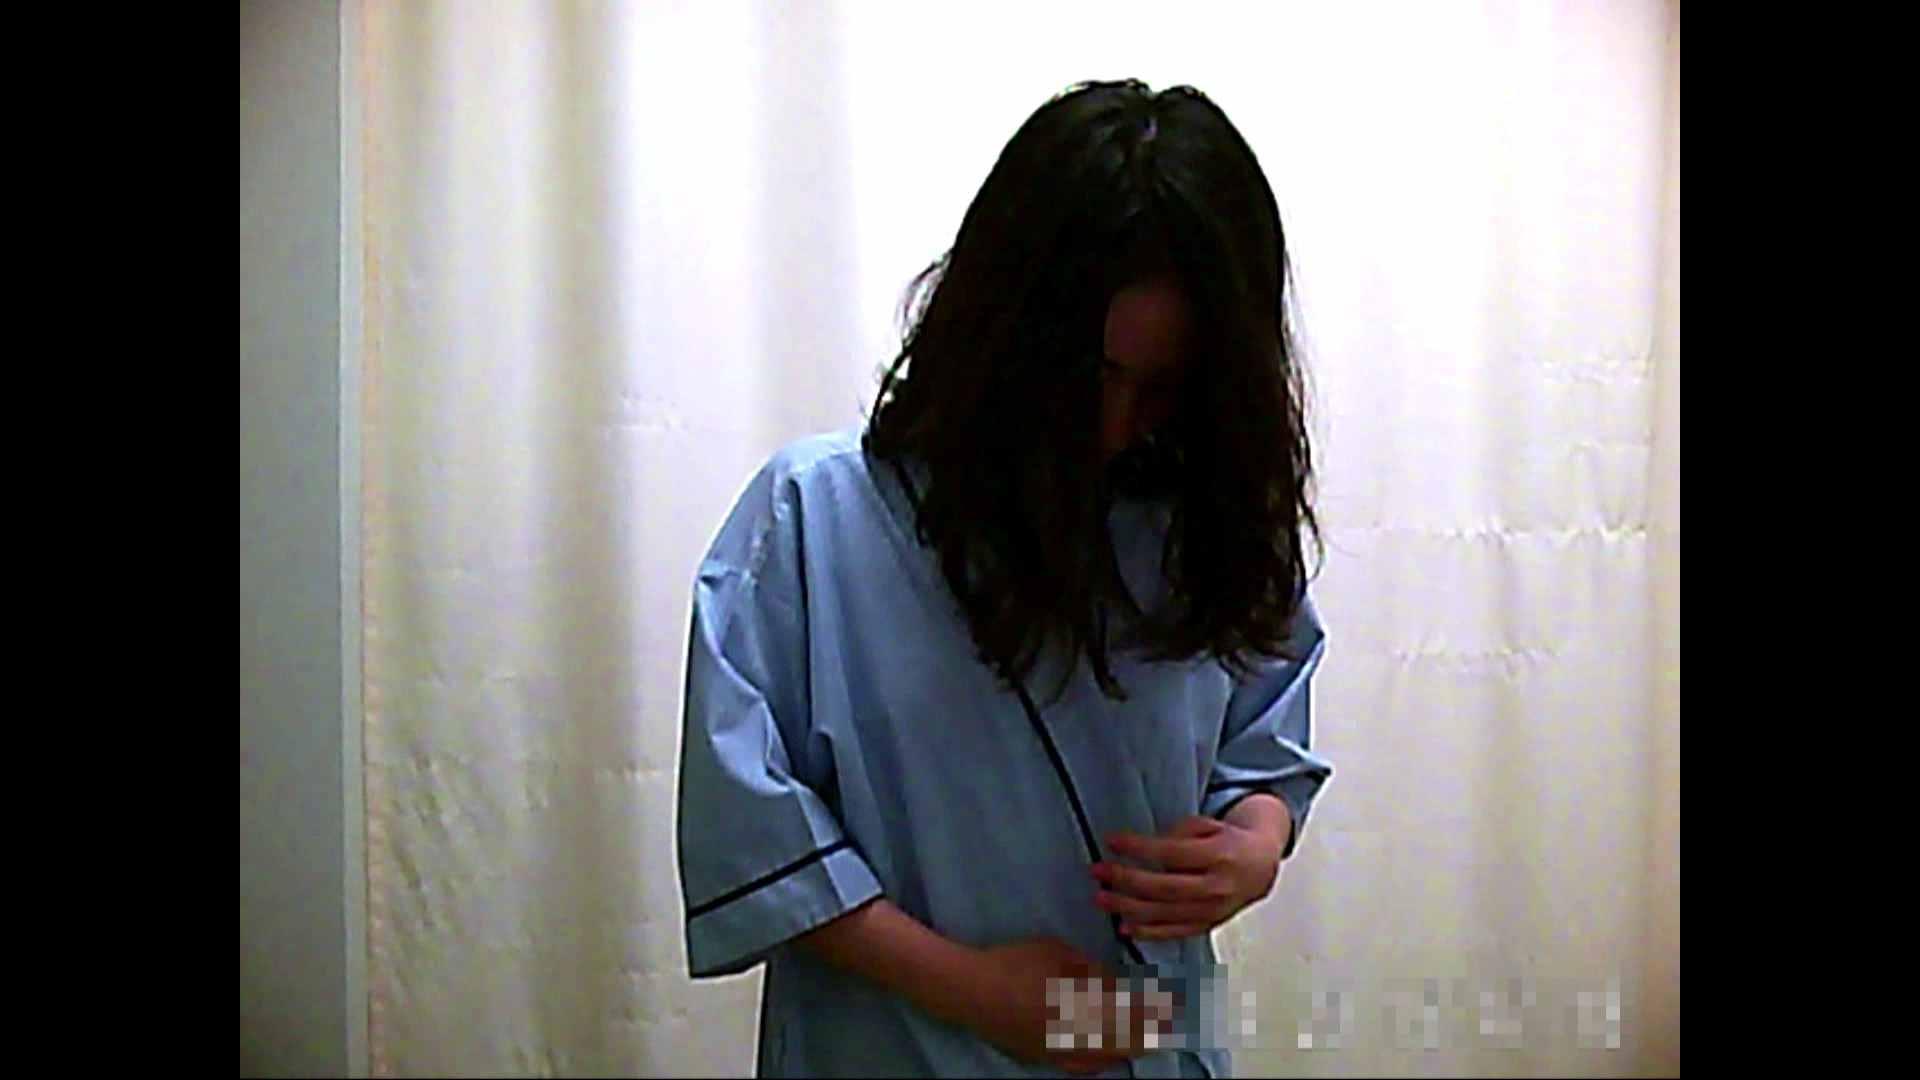 病院おもいっきり着替え! vol.285 着替え のぞきおめこ無修正画像 89pic 68